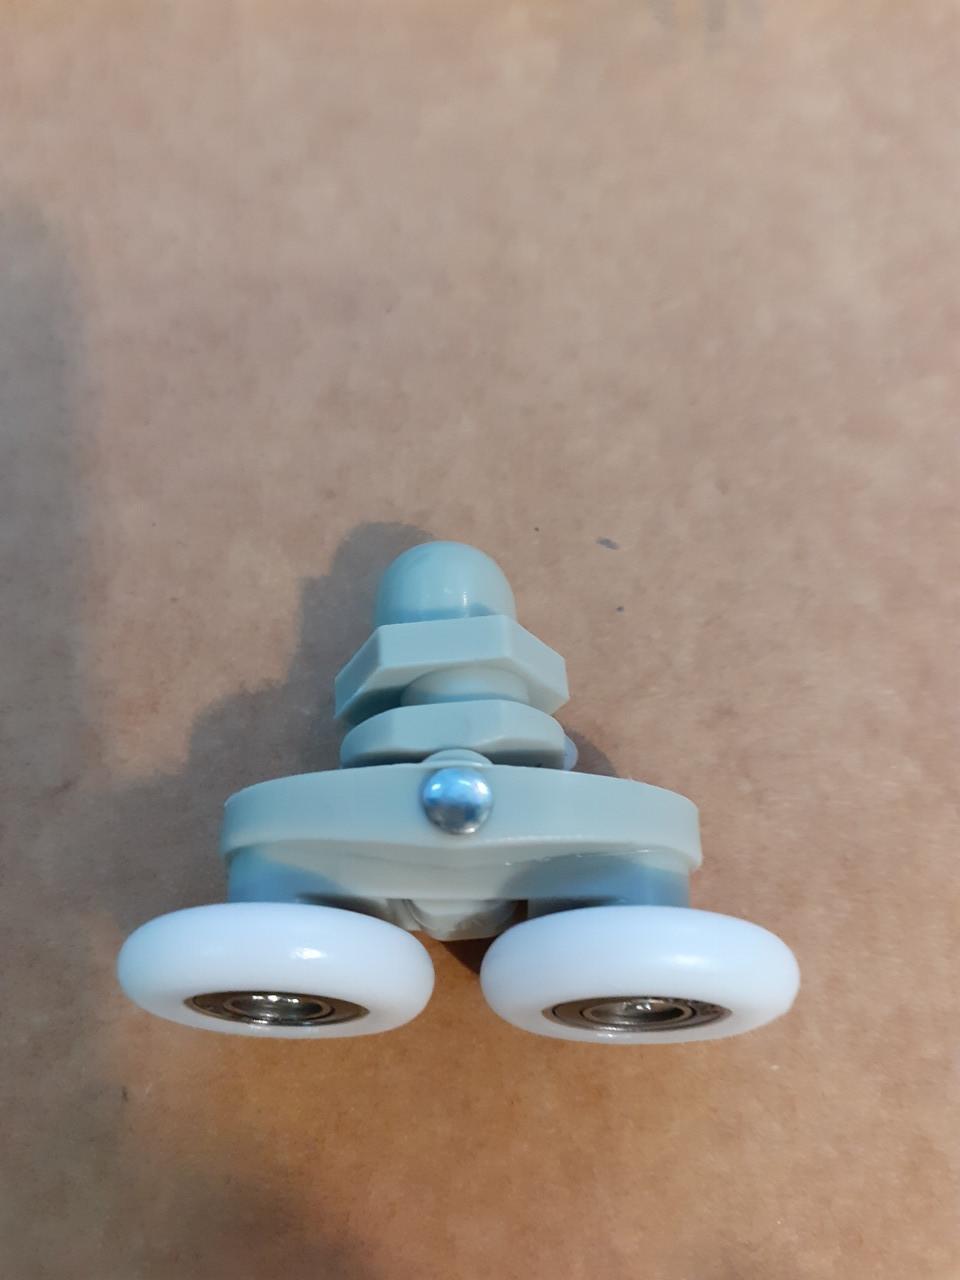 Ролик для душевой кабины двойной 10009 (25 мм) ANGO